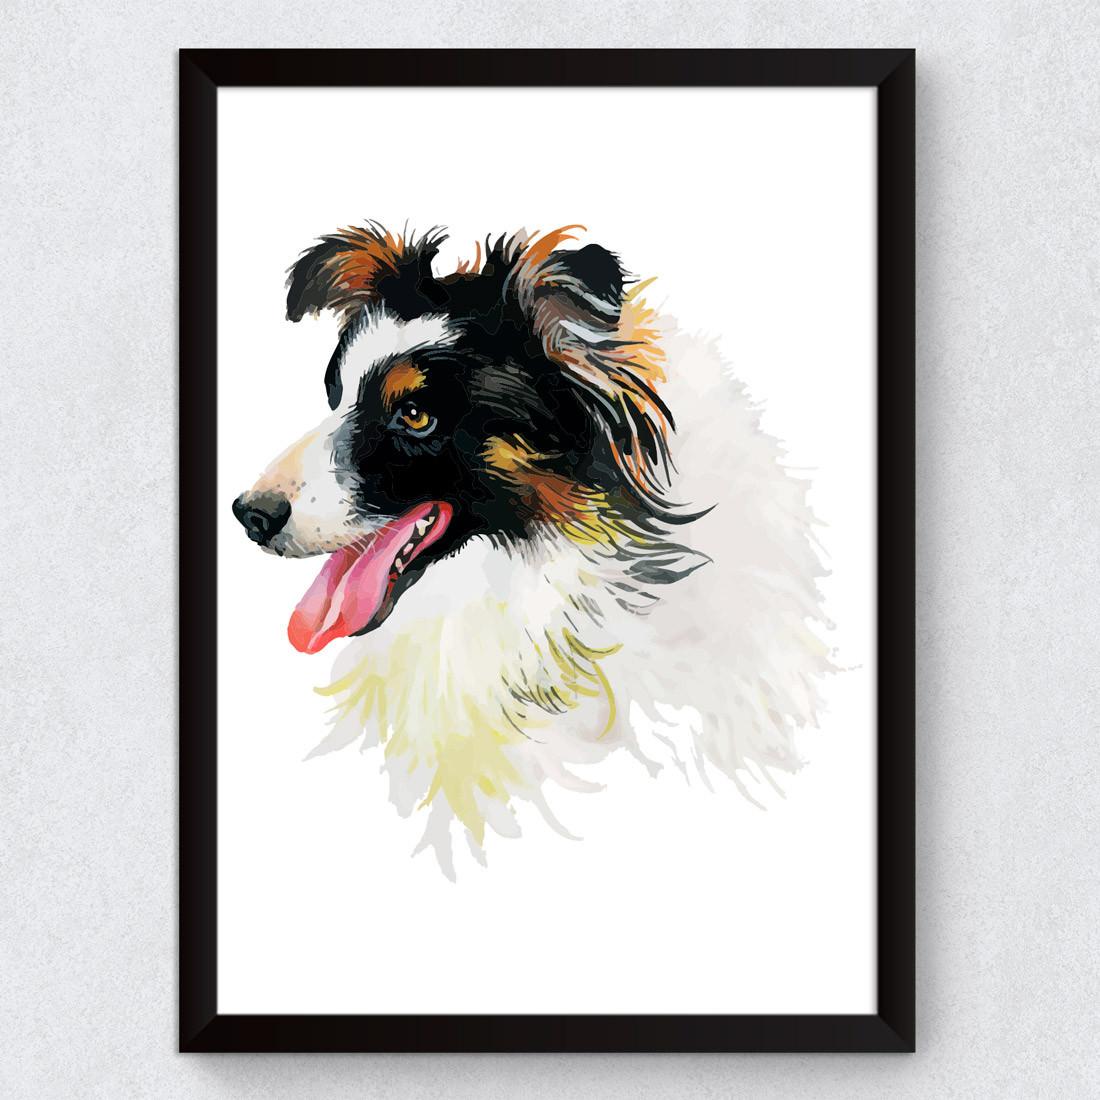 Quadro Decorativo Dog Border Collie Aquarela